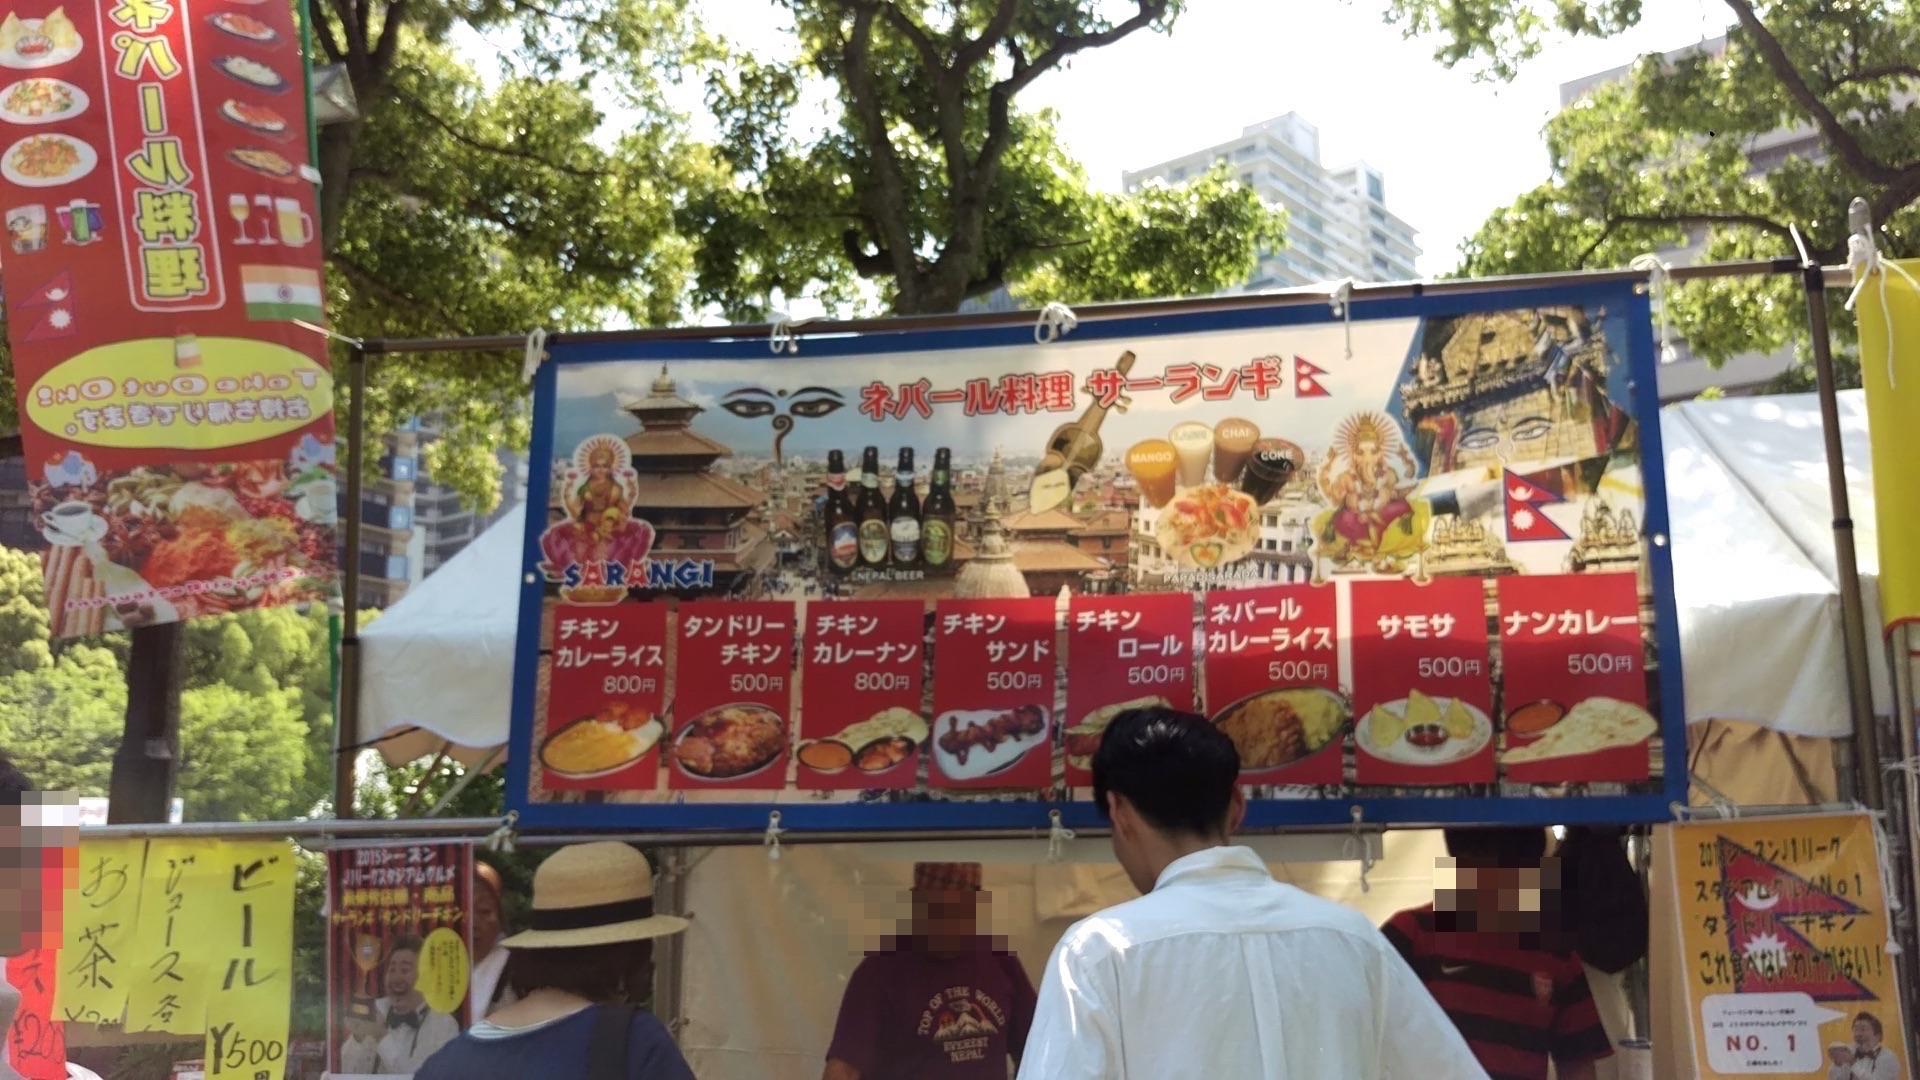 ネパールカレーライス500円を食べてみる